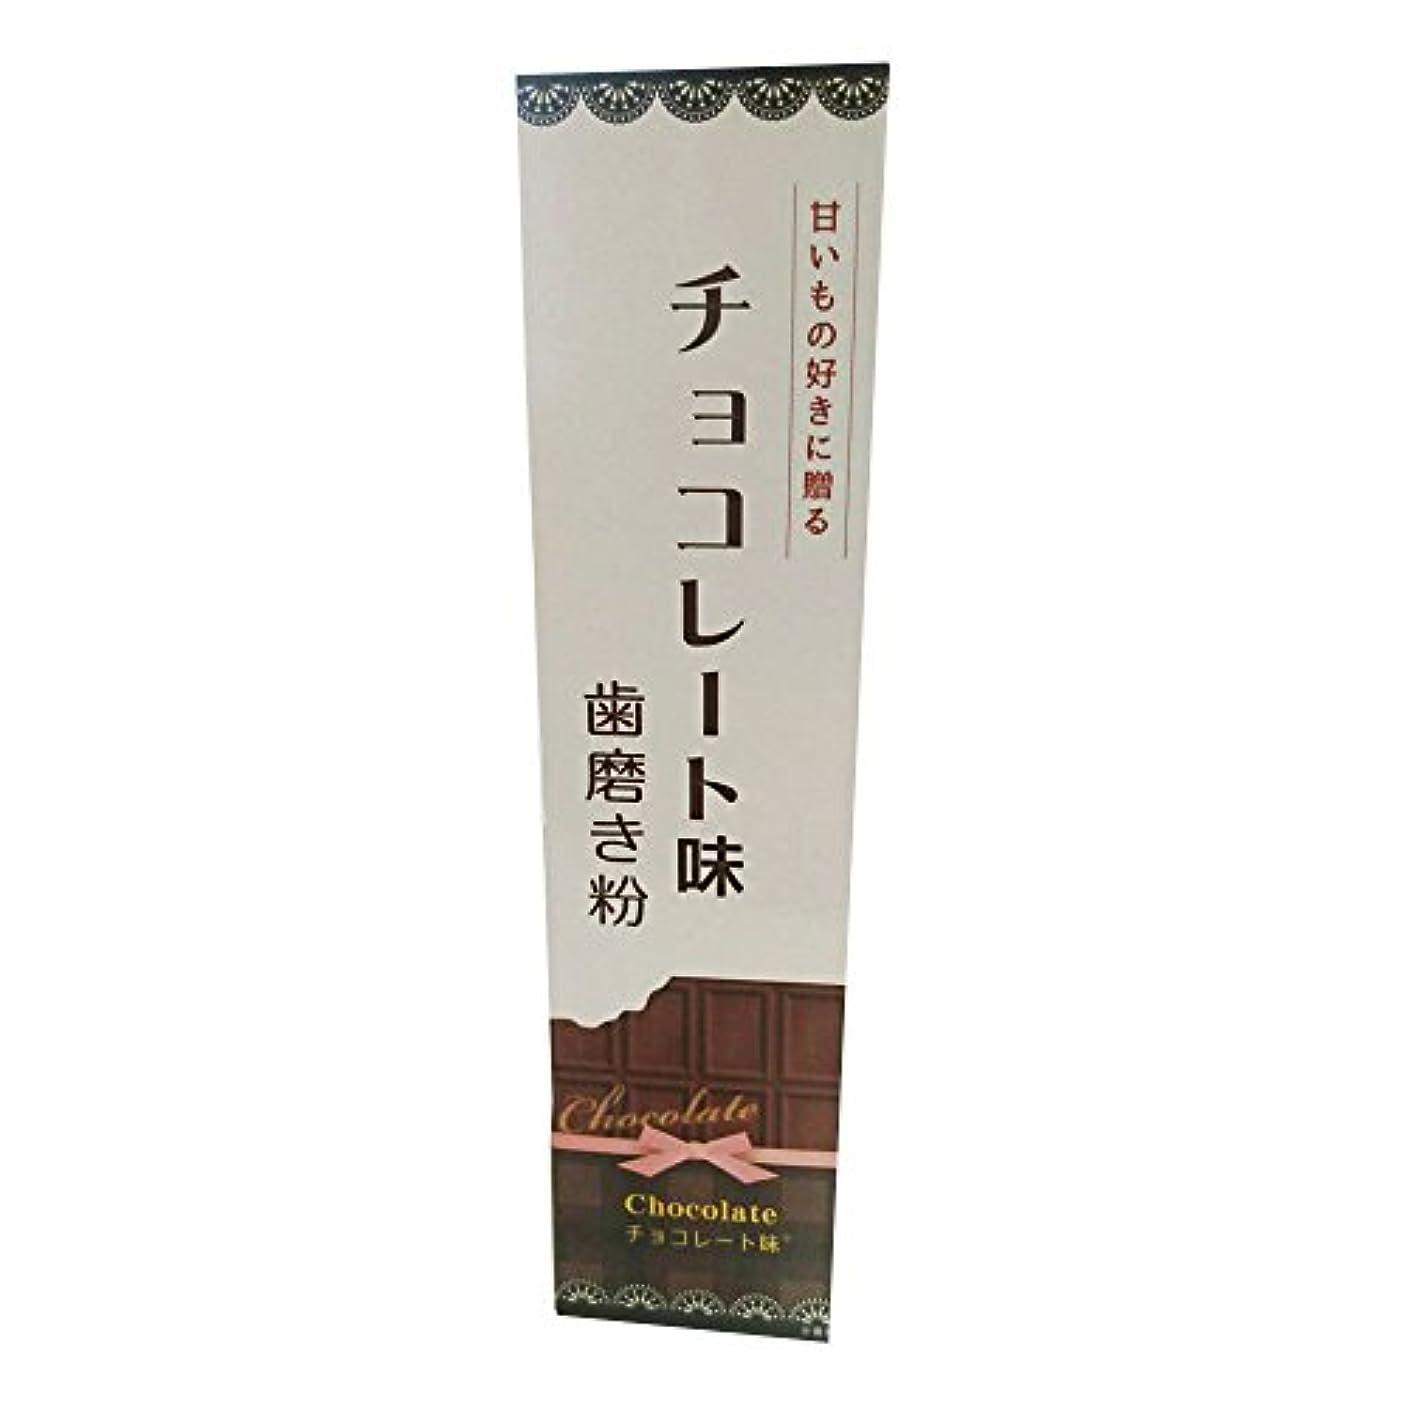 あいまいな微妙拮抗するフレーバー歯磨き粉チョコレート味 70g